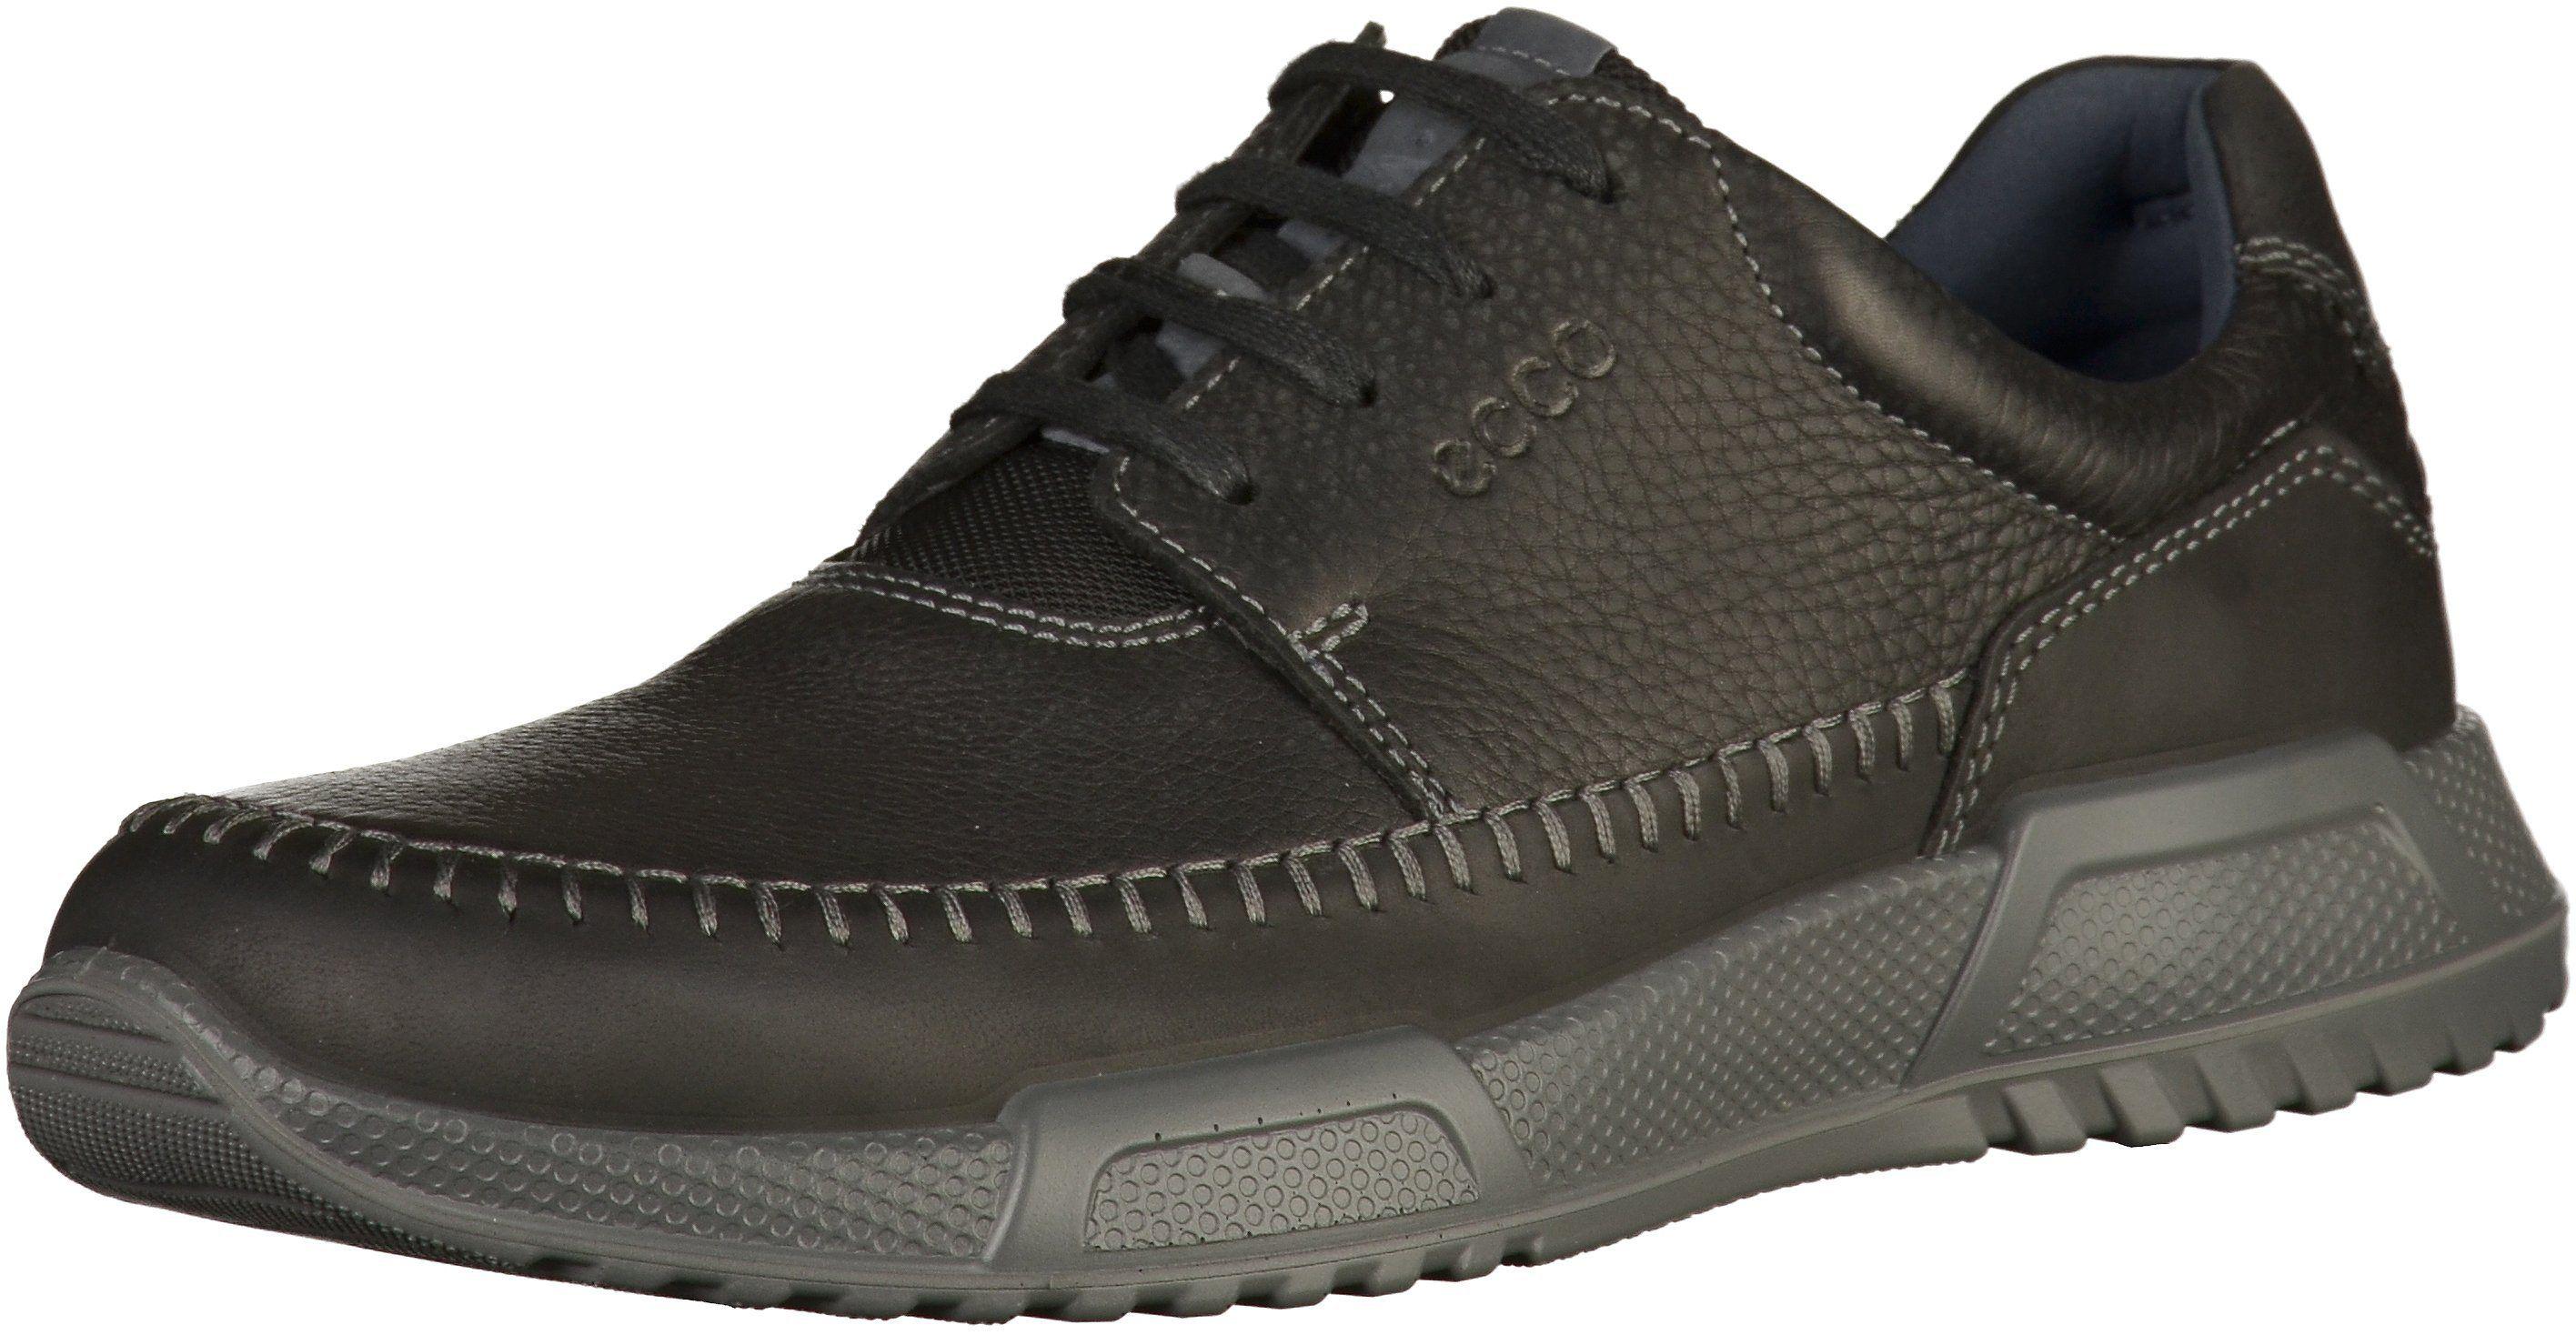 ECCO #Schuhe #Herren #Ecco #Leder #Schnürschuh #schwarz